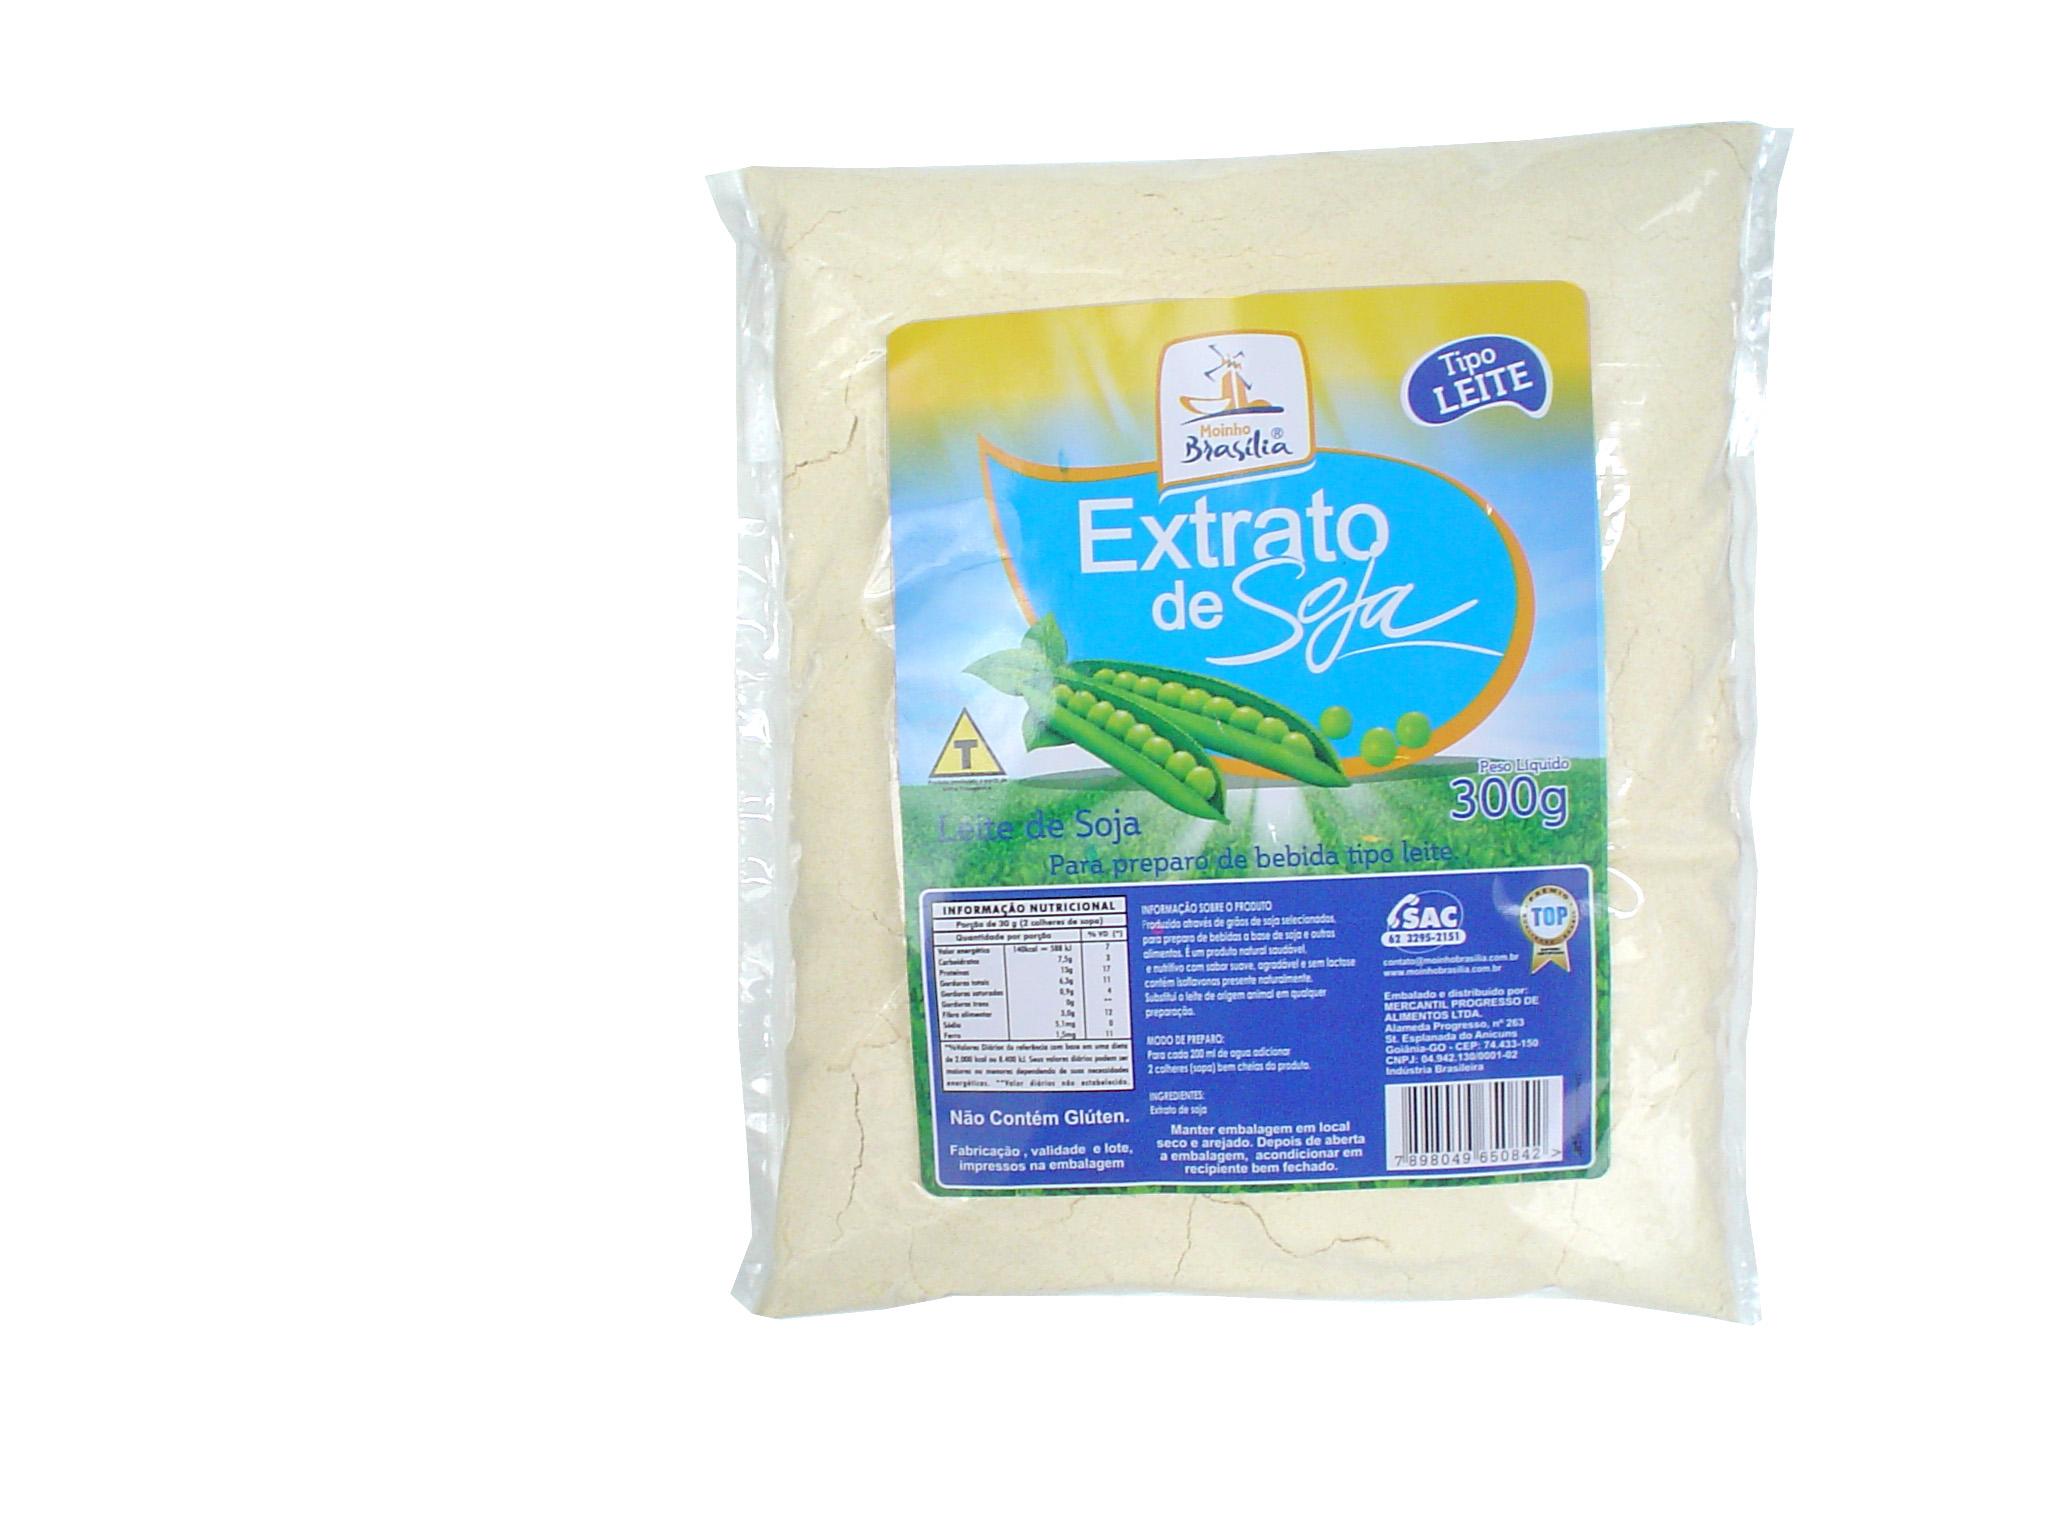 Cod.320-Extrato de soja tipo leite 300g